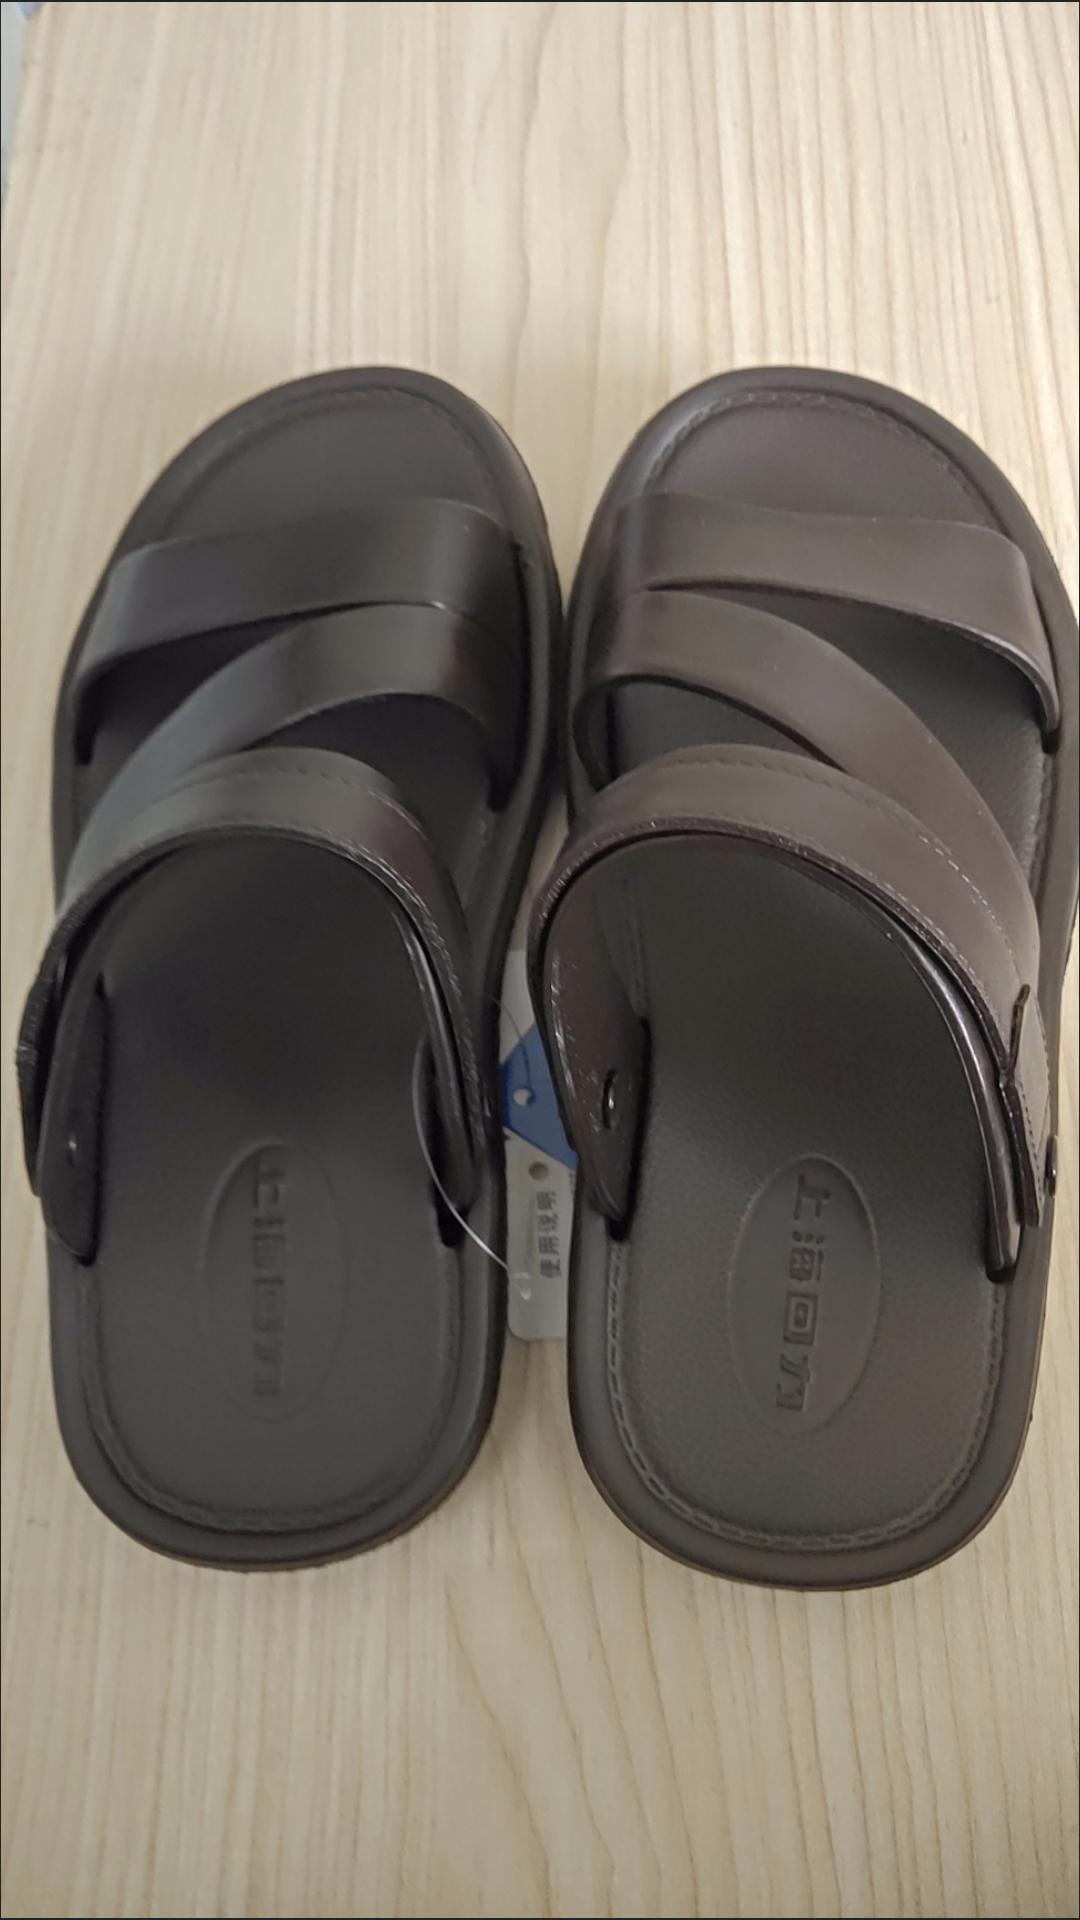 回力凉鞋男士夏季新款户外外穿塑料防滑潮流韩版拖鞋套脚